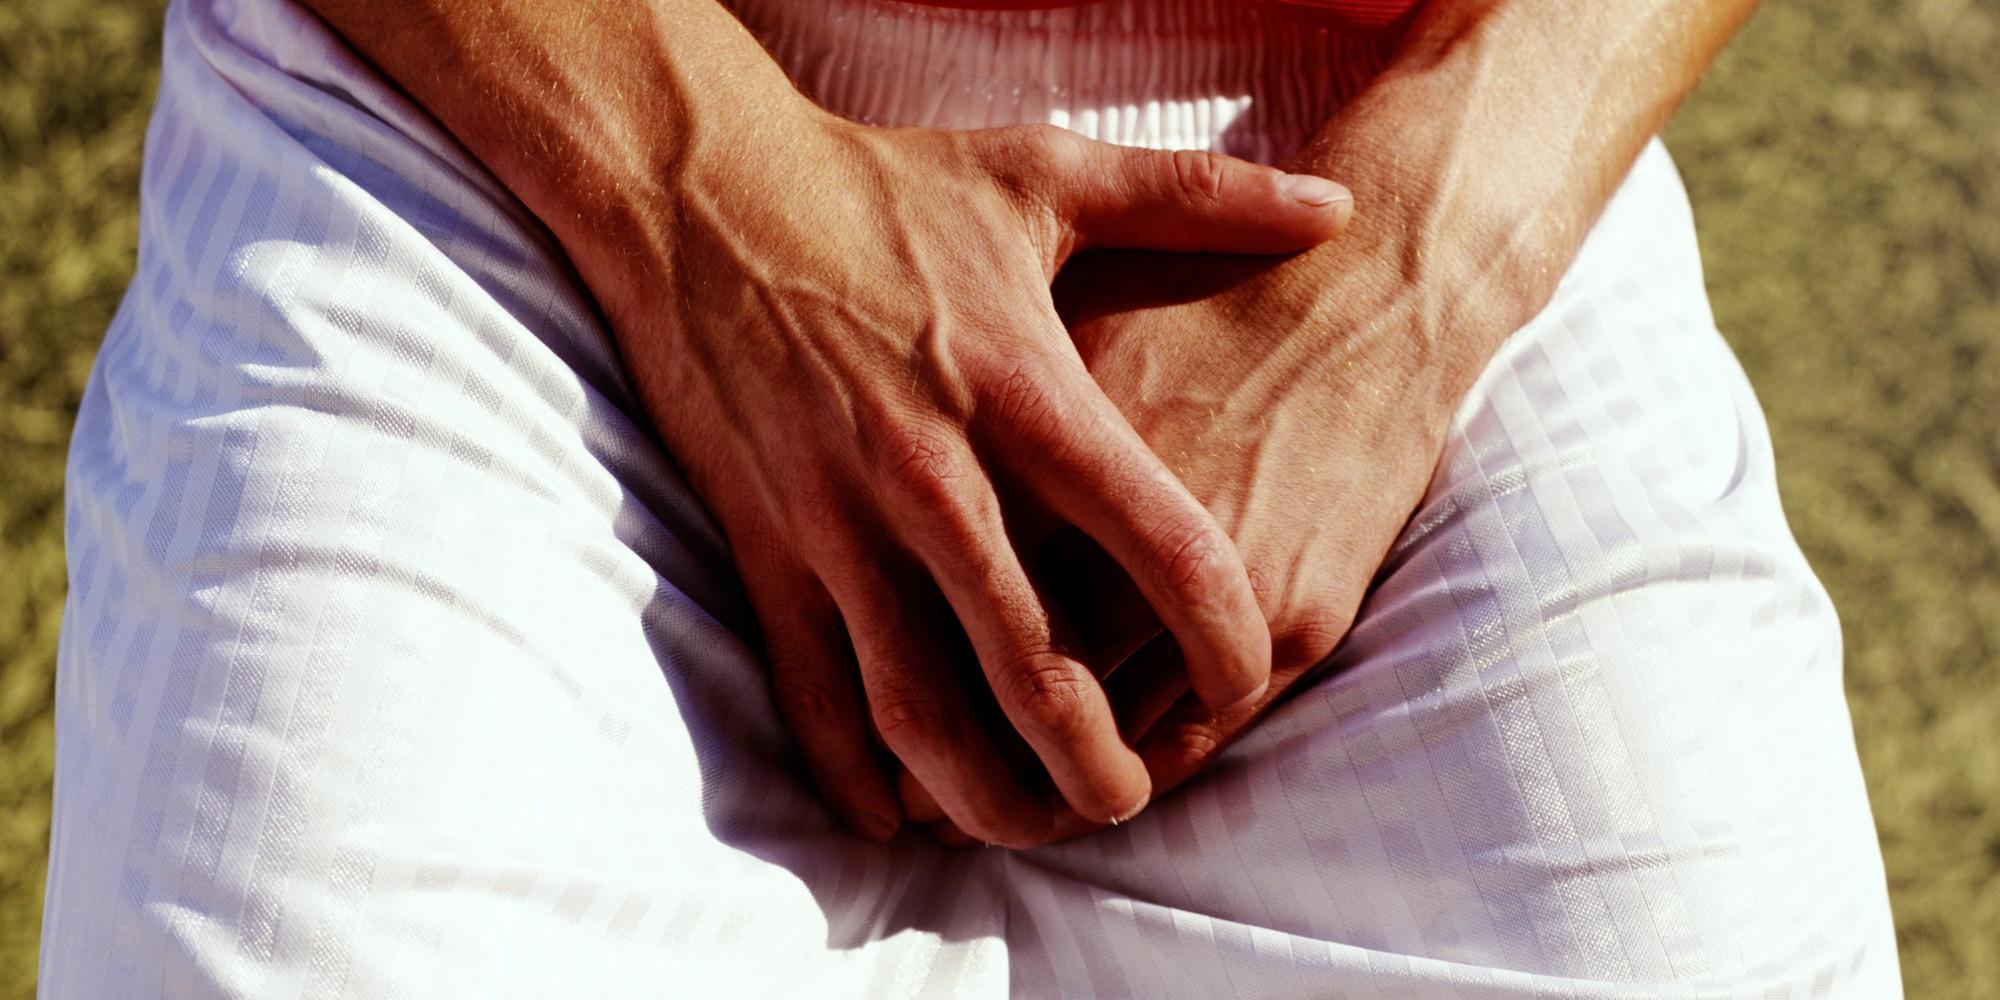 Микоплазма хоминис как передается при оральном сексе